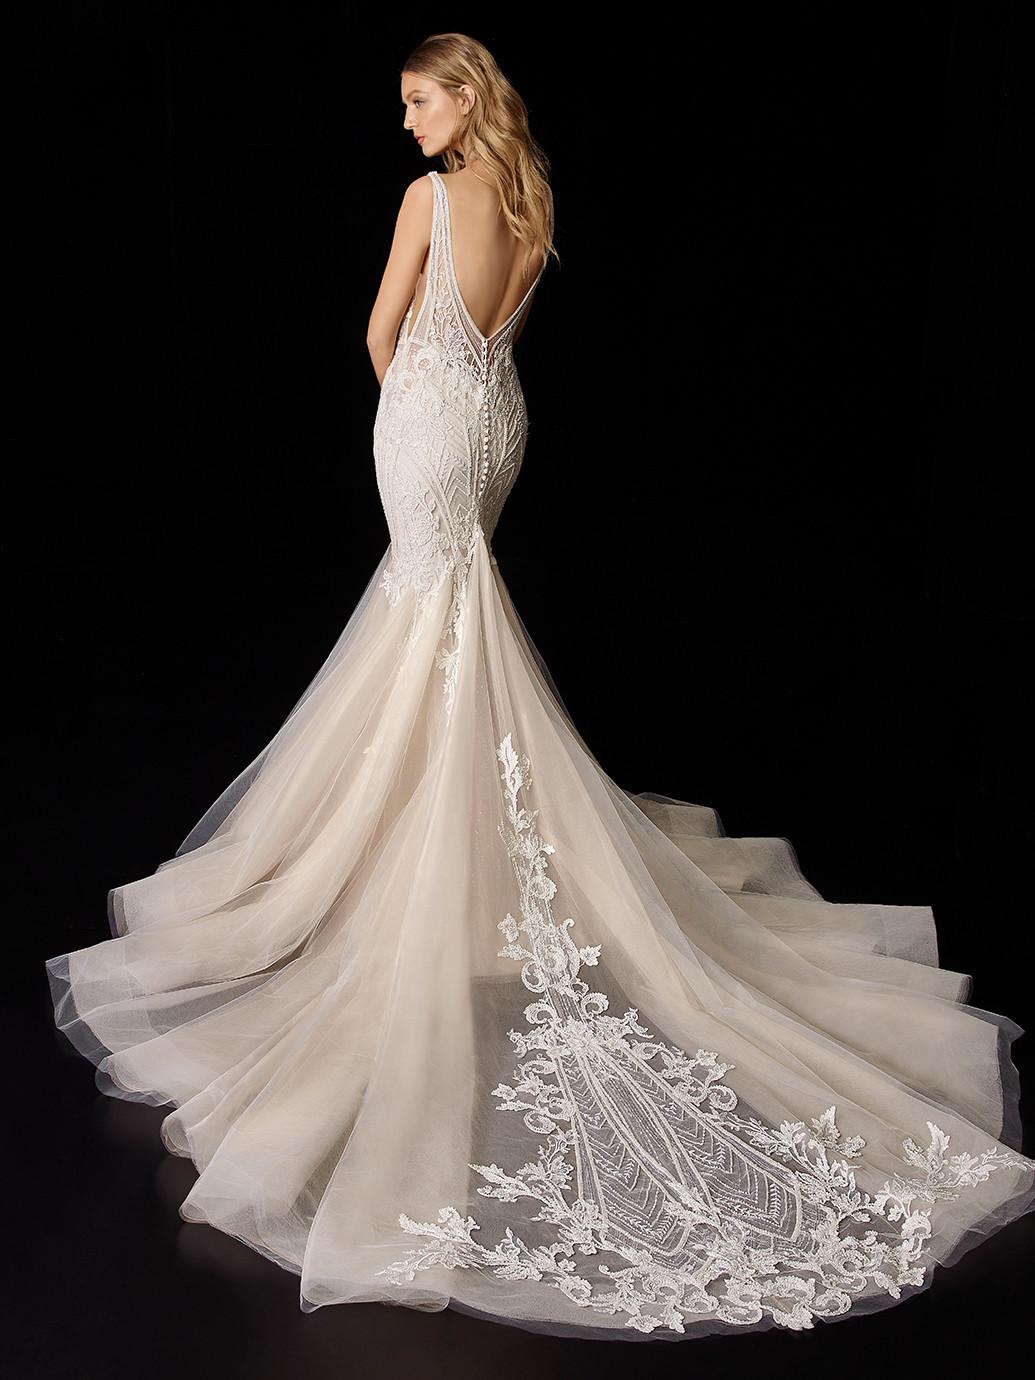 Hochzeitskleid in Nude mit Spitze, Plunge-Ausschnitt und seitlichen V-Cuts von Enzoani, Modell Philomina